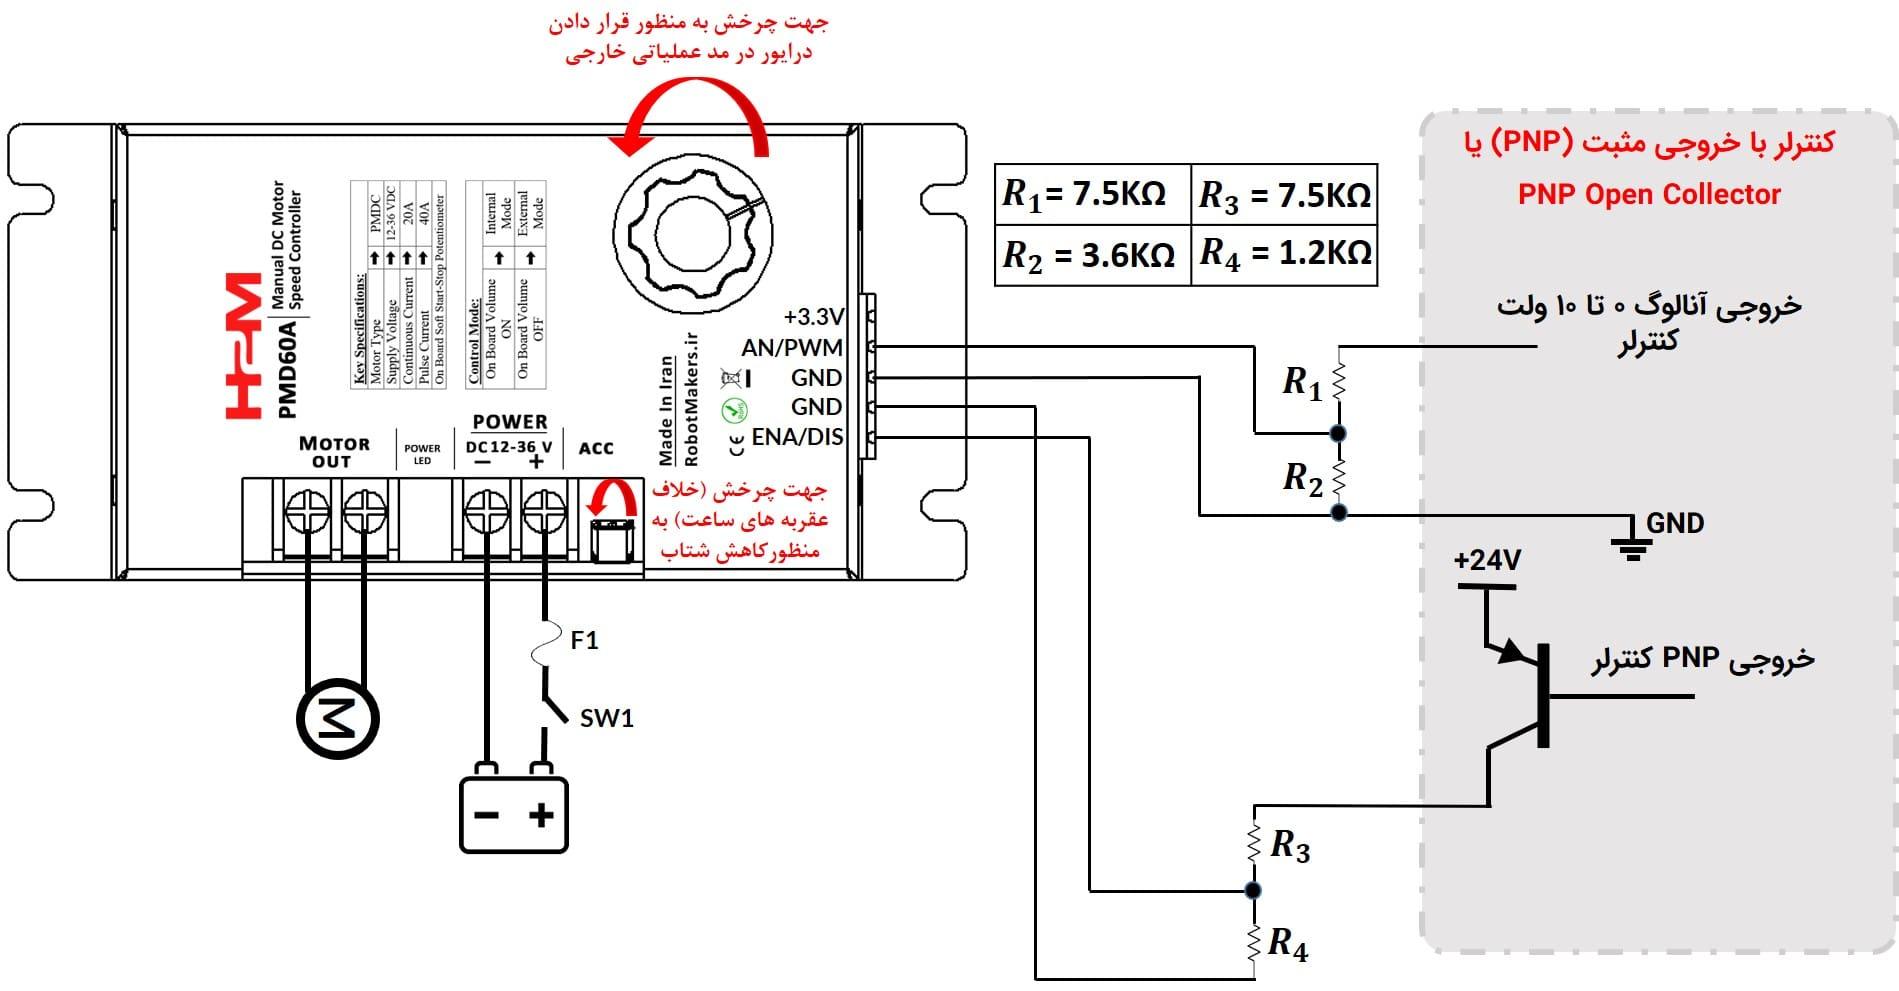 شکل ۹: کنترل درایور از طریق ولتاژ آنالوگ به وسیله PLC با خروجی PNP